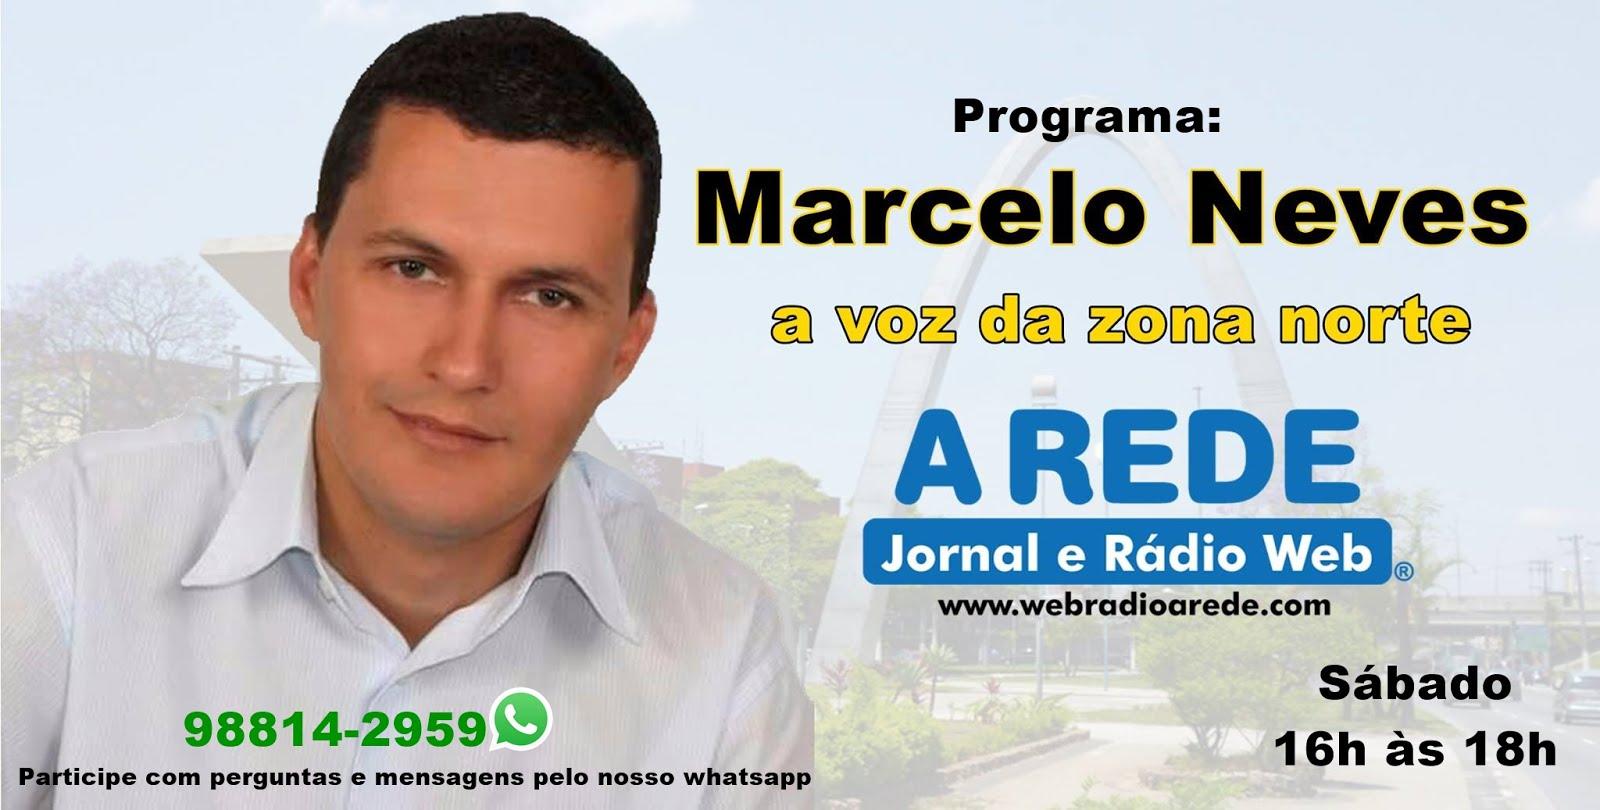 Clique na imagem para acessar o Programa MARCELO NEVES - A VOZ DA ZONA NORTE